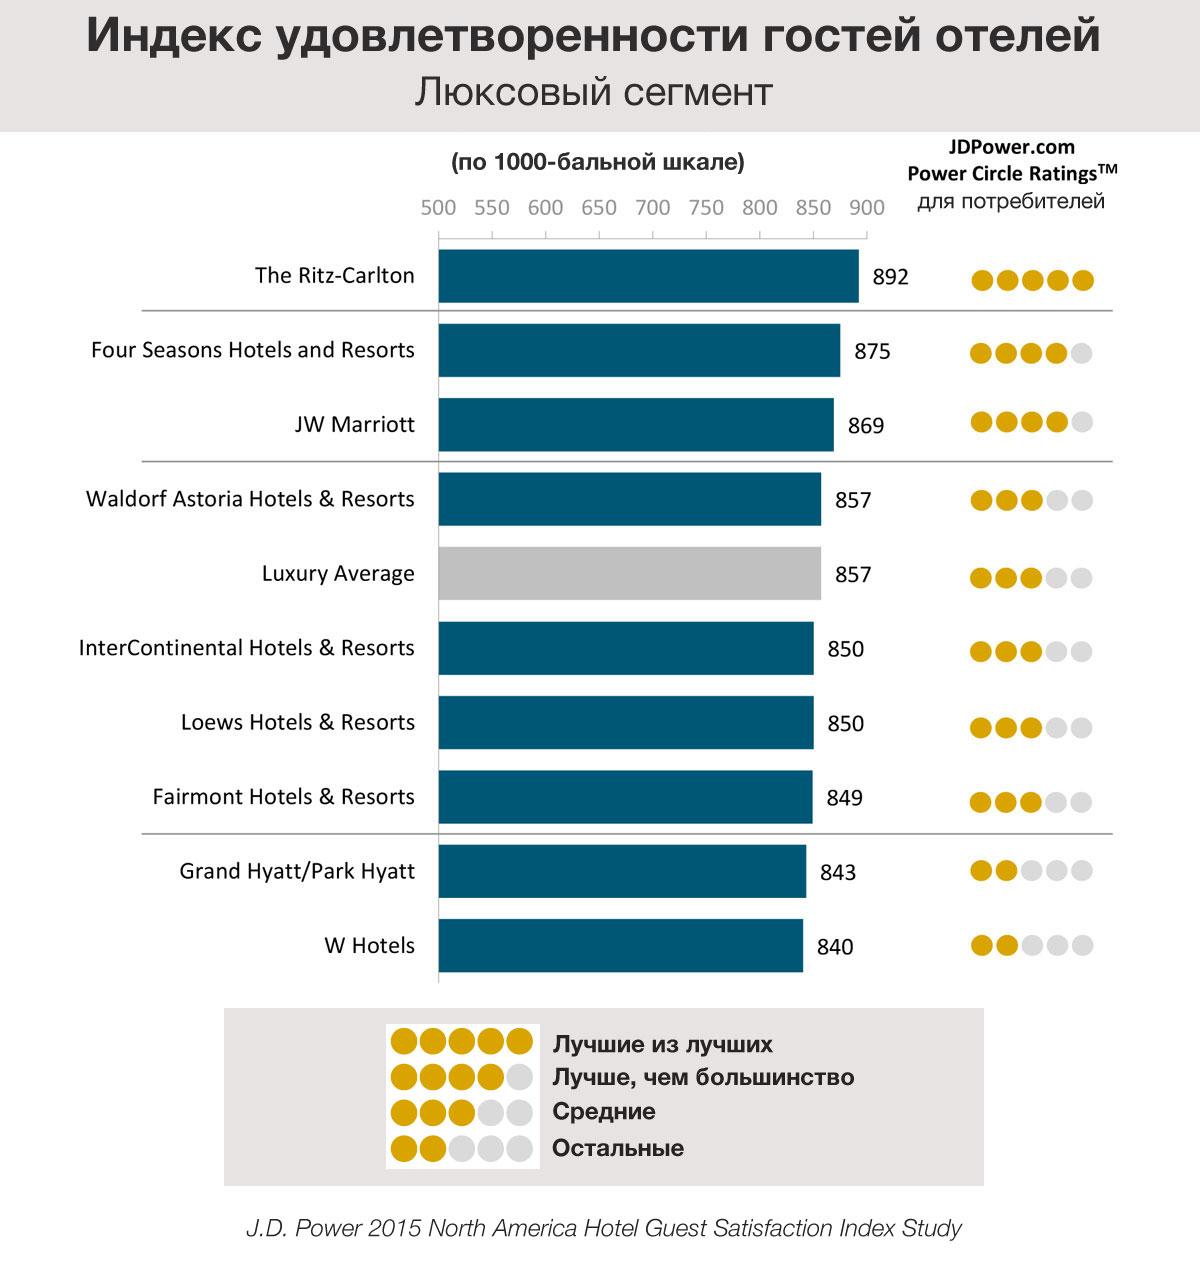 Индекс удовлетворенности гостей люксовых отелей